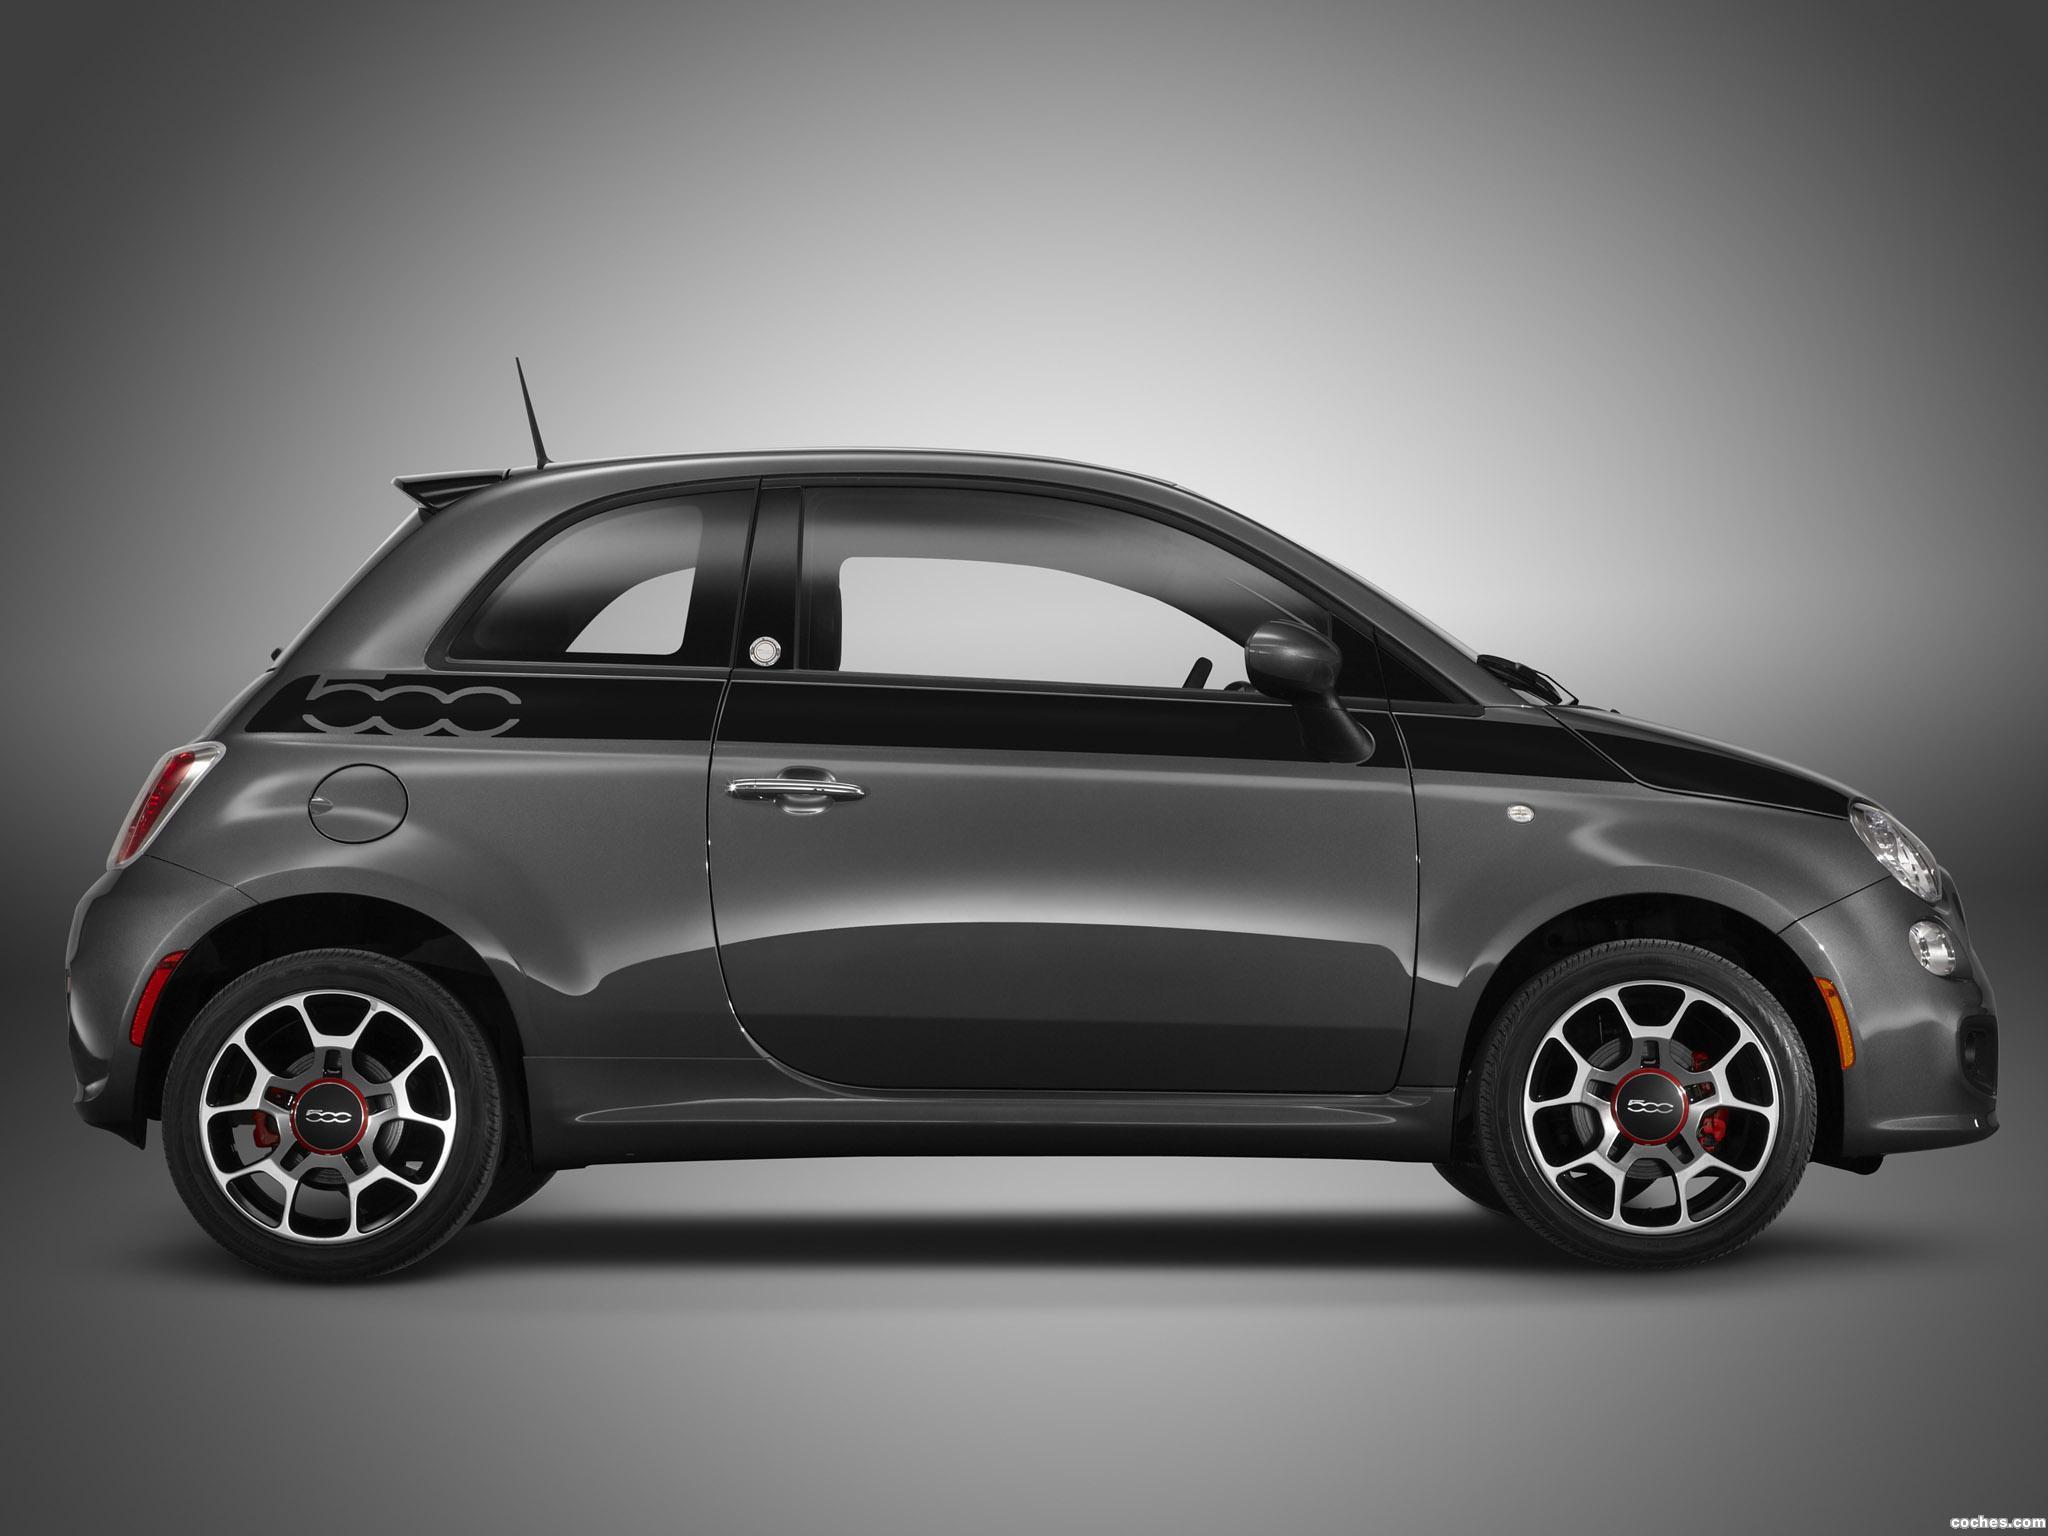 Foto 0 de Fiat 500 Prima Edizione 2011